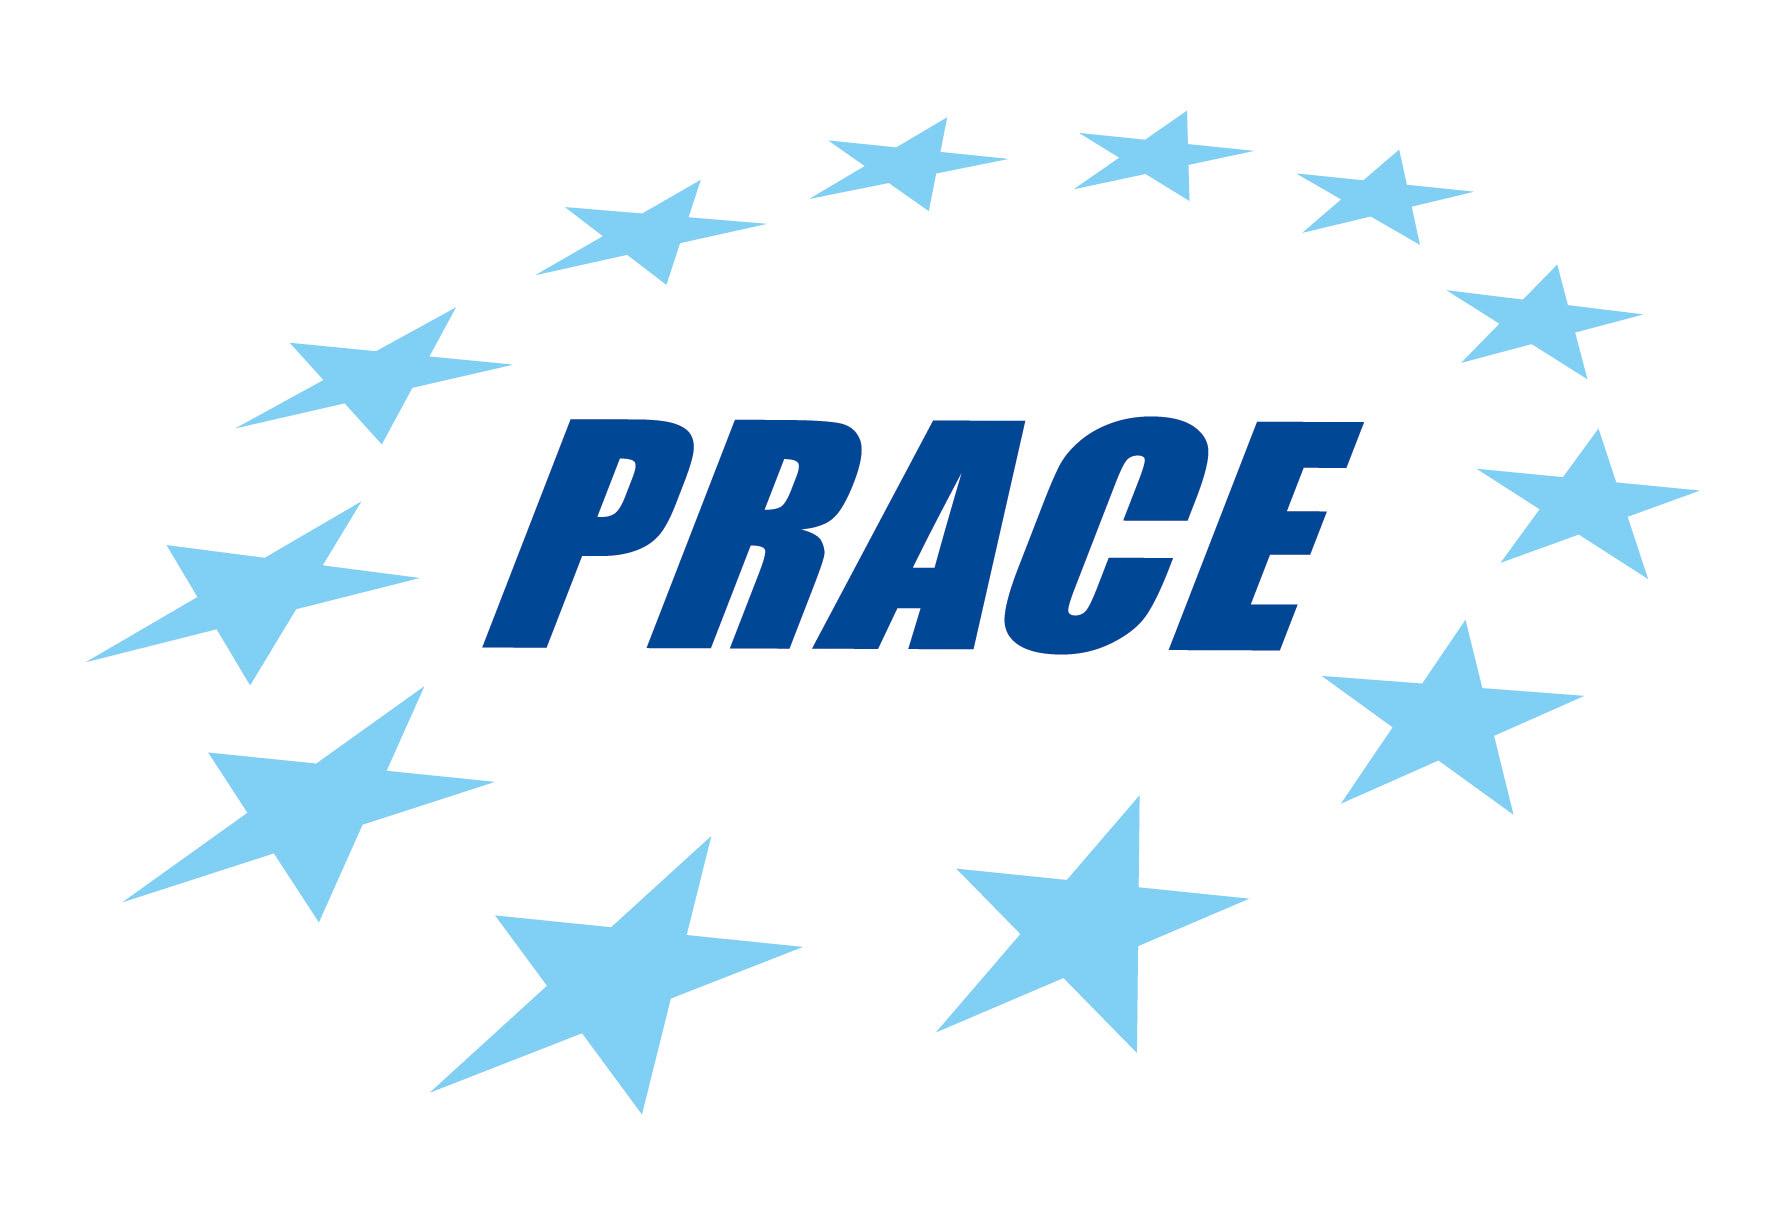 PRACE-3IP - http://www.prace-project.eu